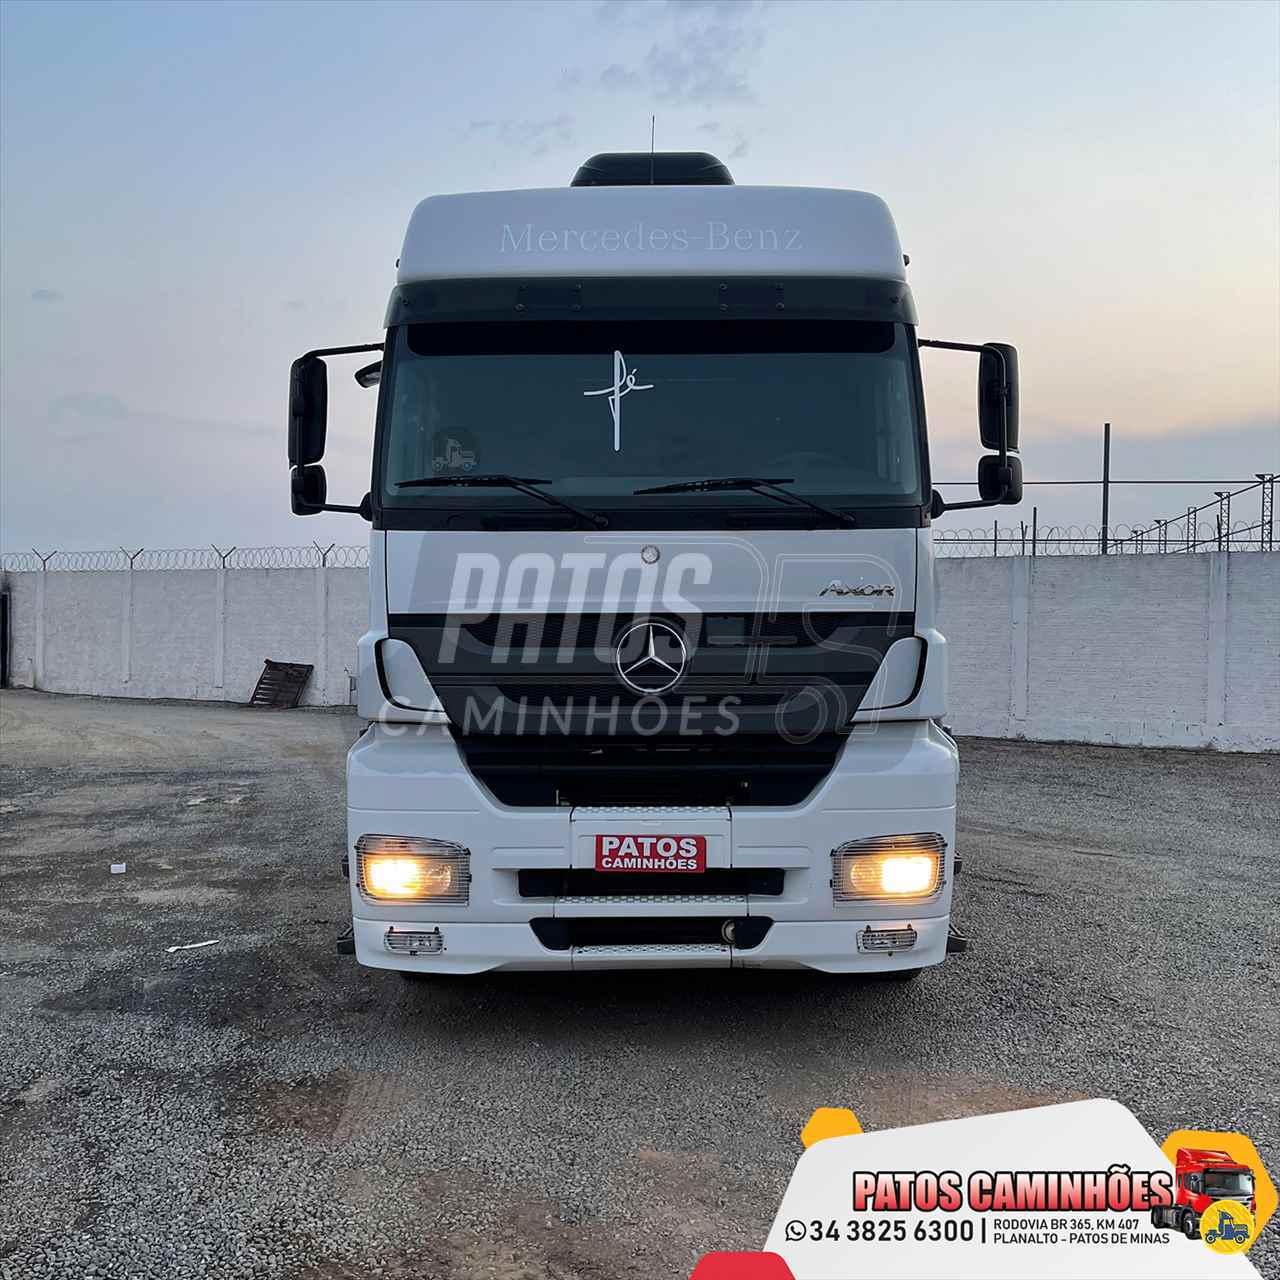 CAMINHAO MERCEDES-BENZ MB 2544 Cavalo Mecânico Truck 6x2 Patos Caminhões PATOS DE MINAS MINAS GERAIS MG